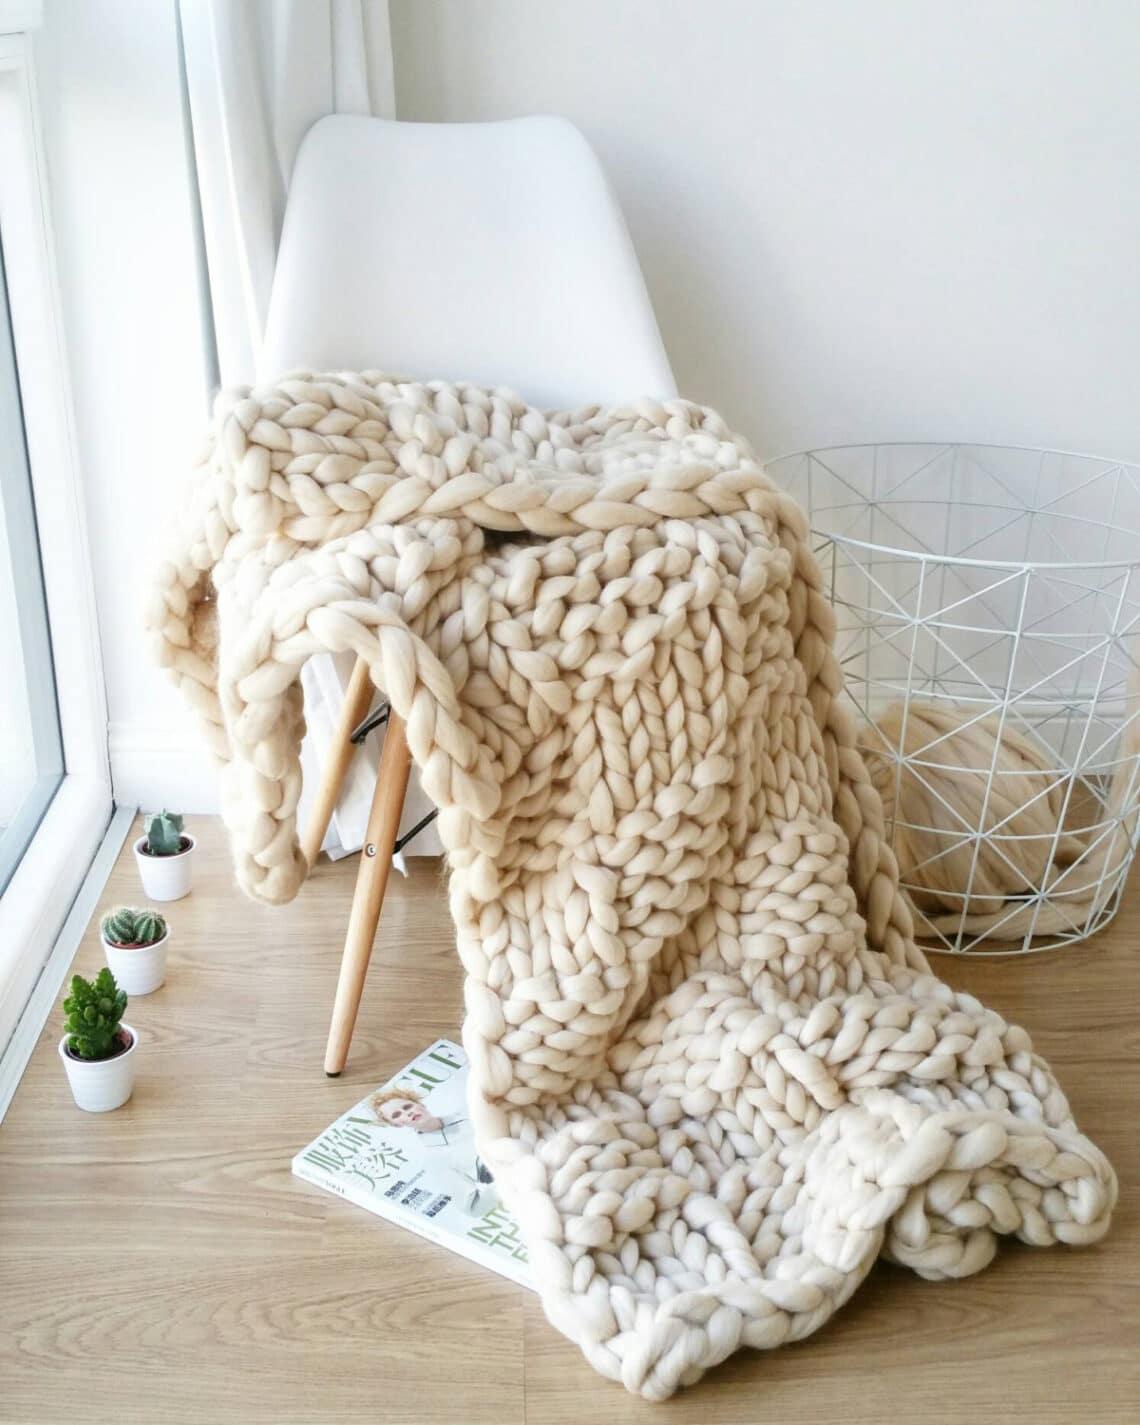 5+1 imádnivaló takaró, amit könnyű elkészíteni